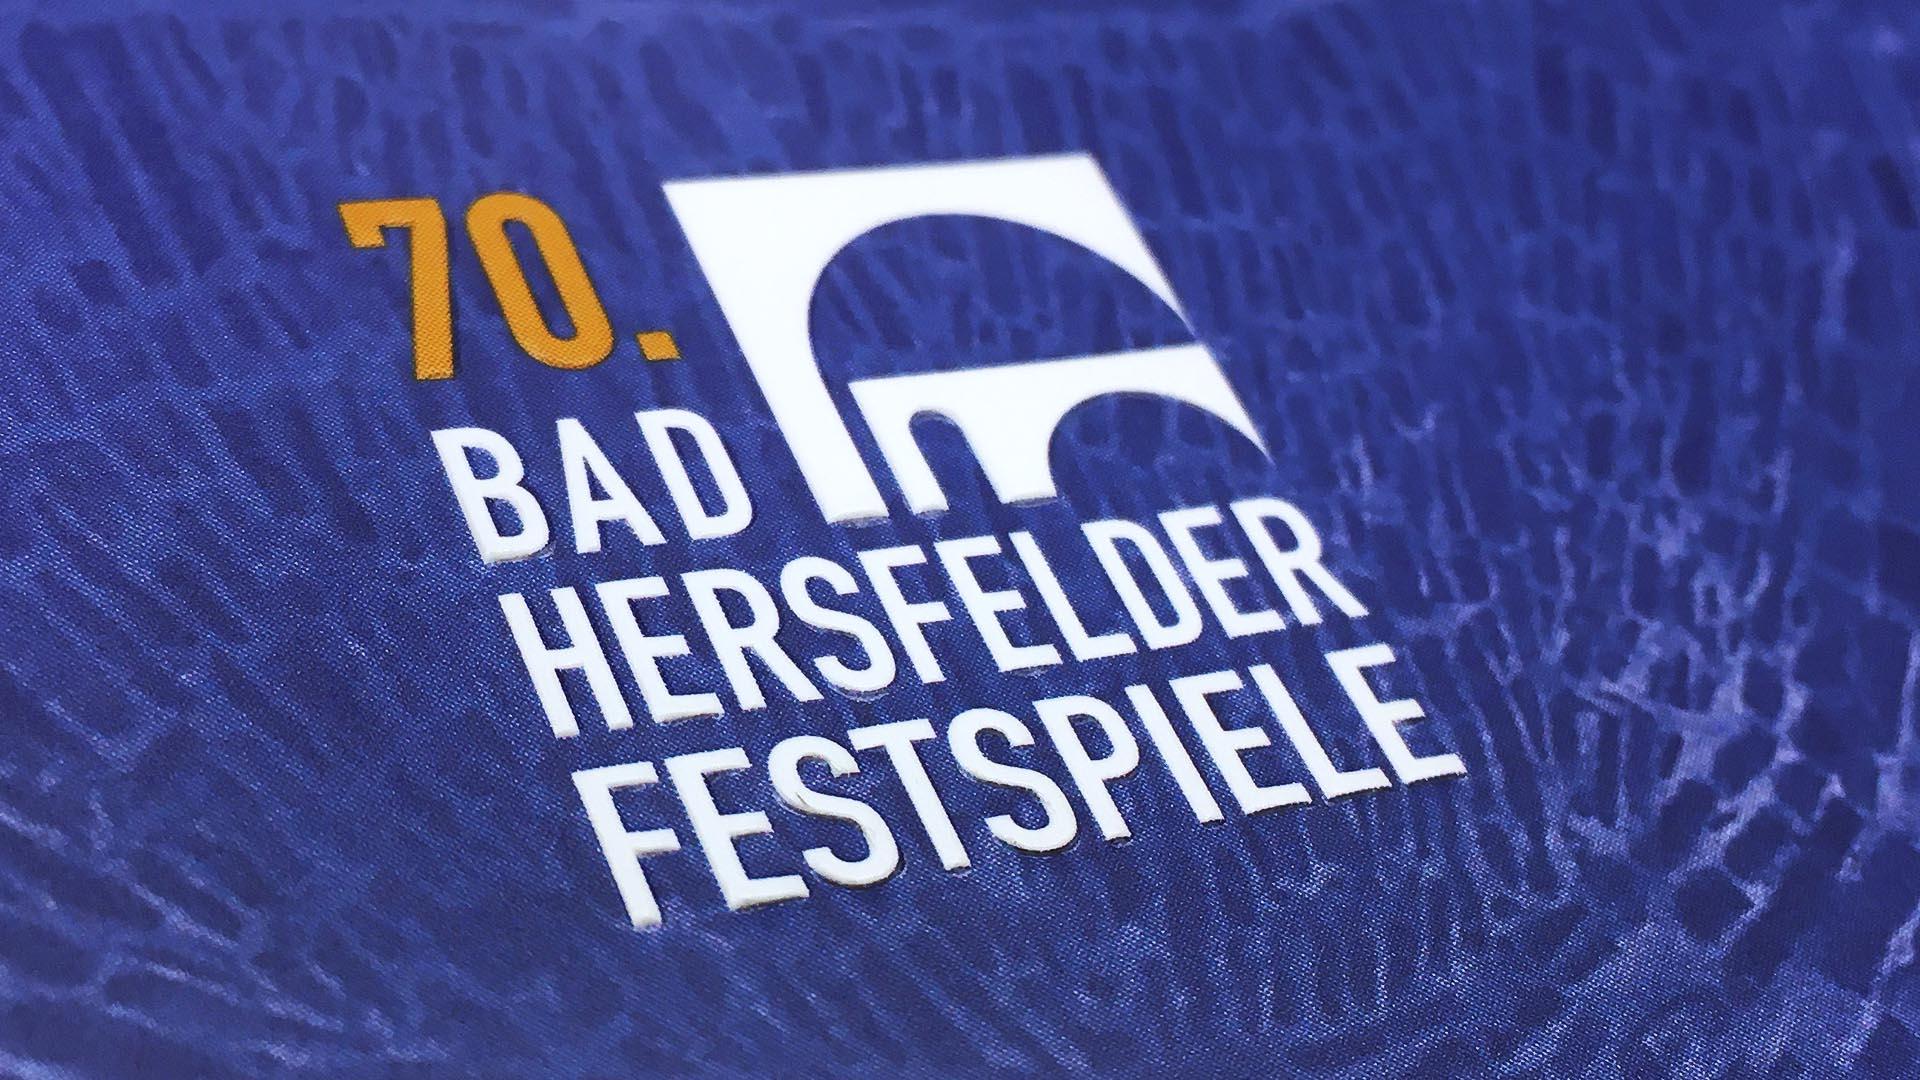 70 Jahre Bad Hersfelder Festspiele!